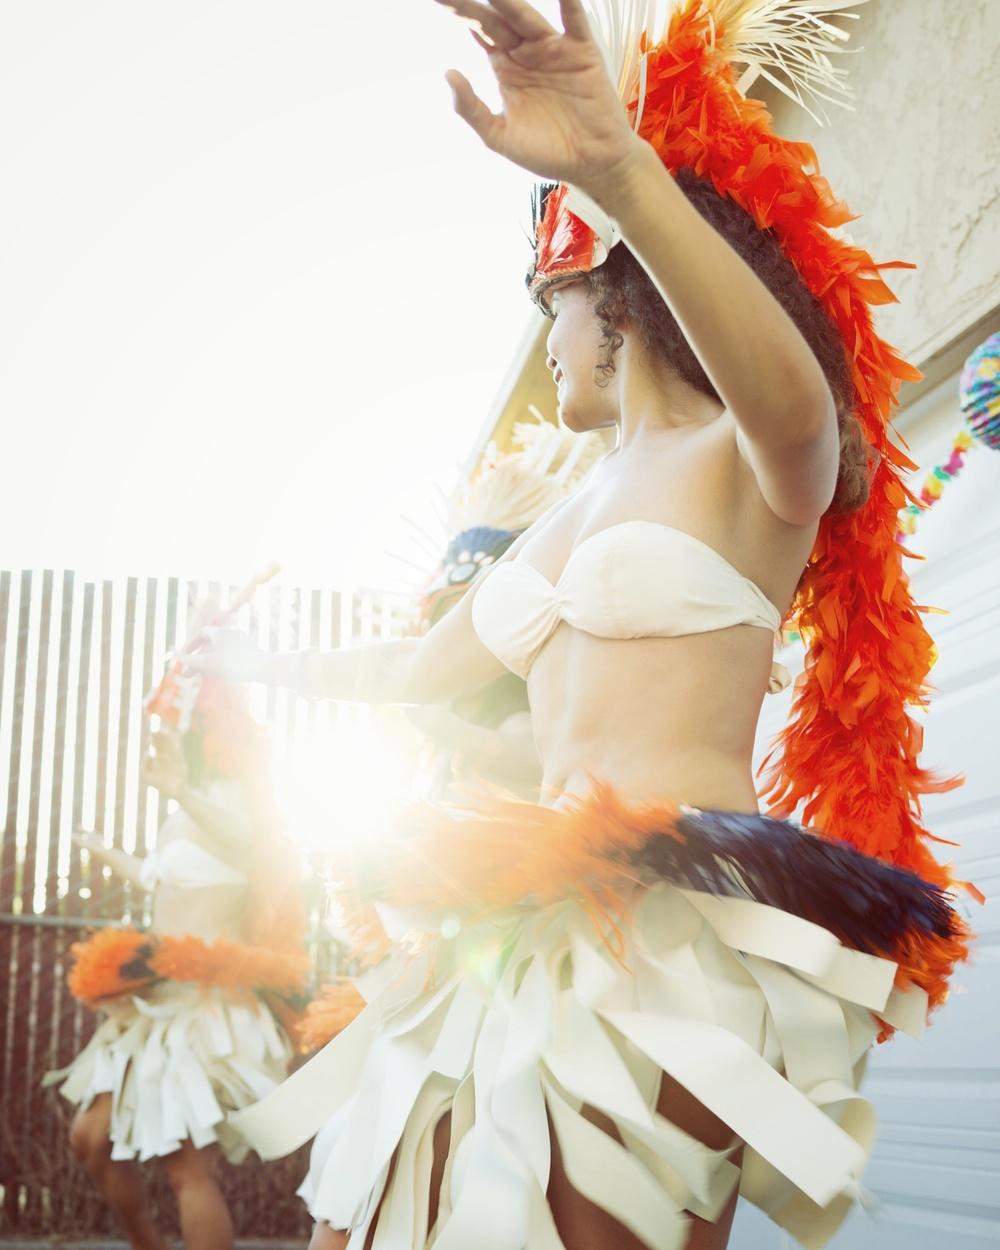 COCOTIKI_TAHITIAN-_Snapseed.jpg